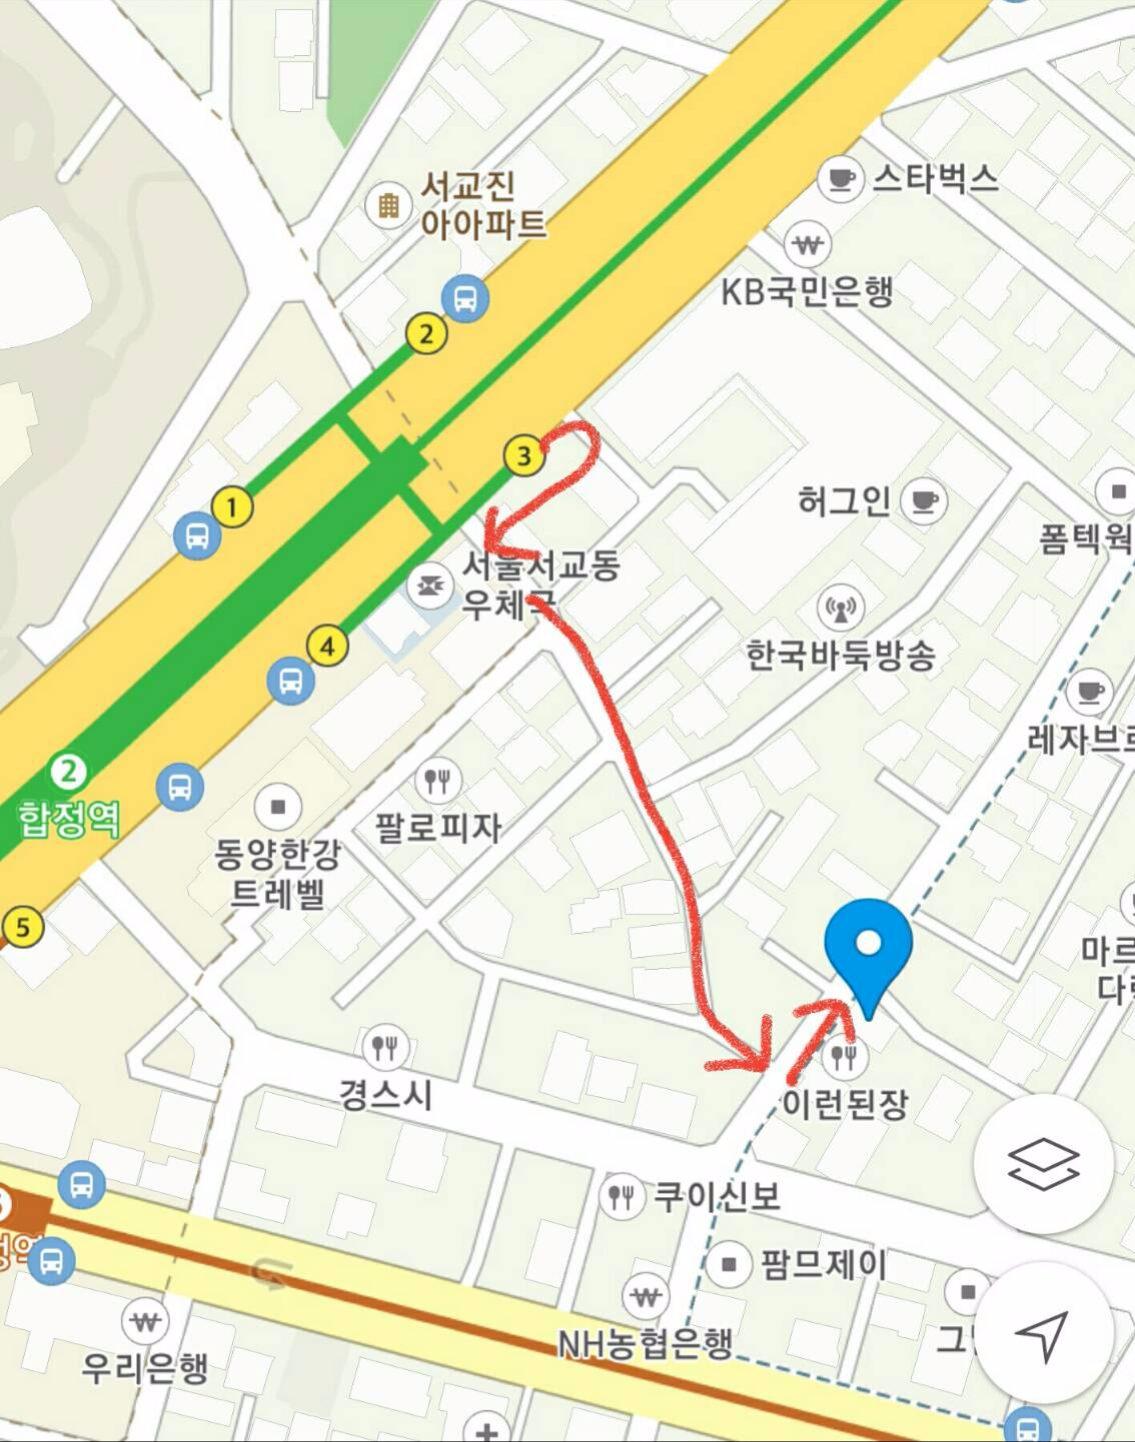 大家心動了嗎? 接下來要告訴大家怎麼去~  搭乘地鐵二號及六號線都可以, 坐到合井站 (합정역)  從3號出口出來後往回走, 走進第一條巷子一直往前走200M,再向左轉約30M即可看見!!  步行時間大約5分鐘內即可到達 !